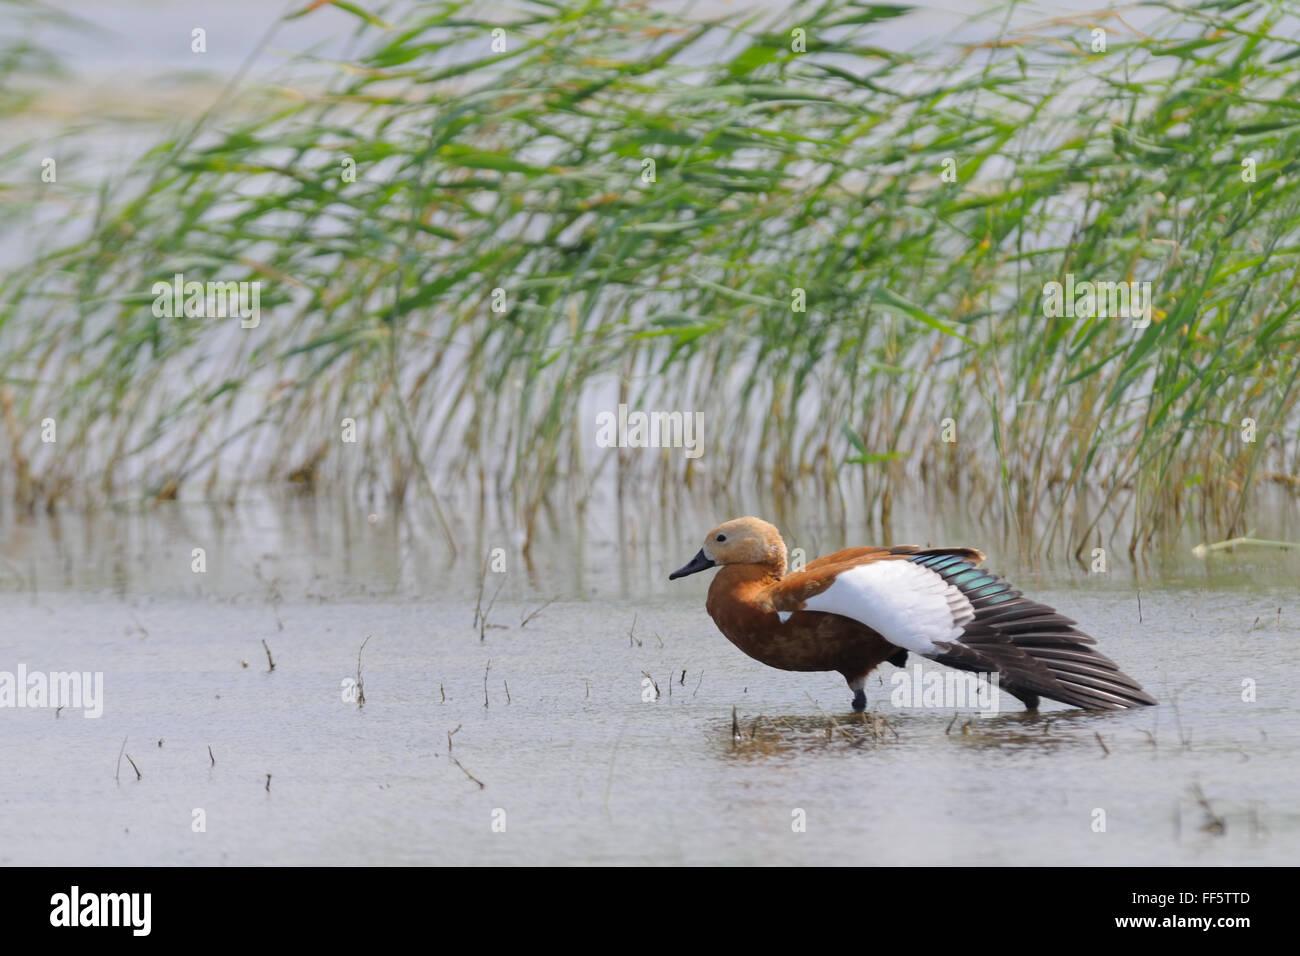 Casarca (Tadorna ferruginea) vicino al lago Manych reed. Kalmykia, Russia Immagini Stock